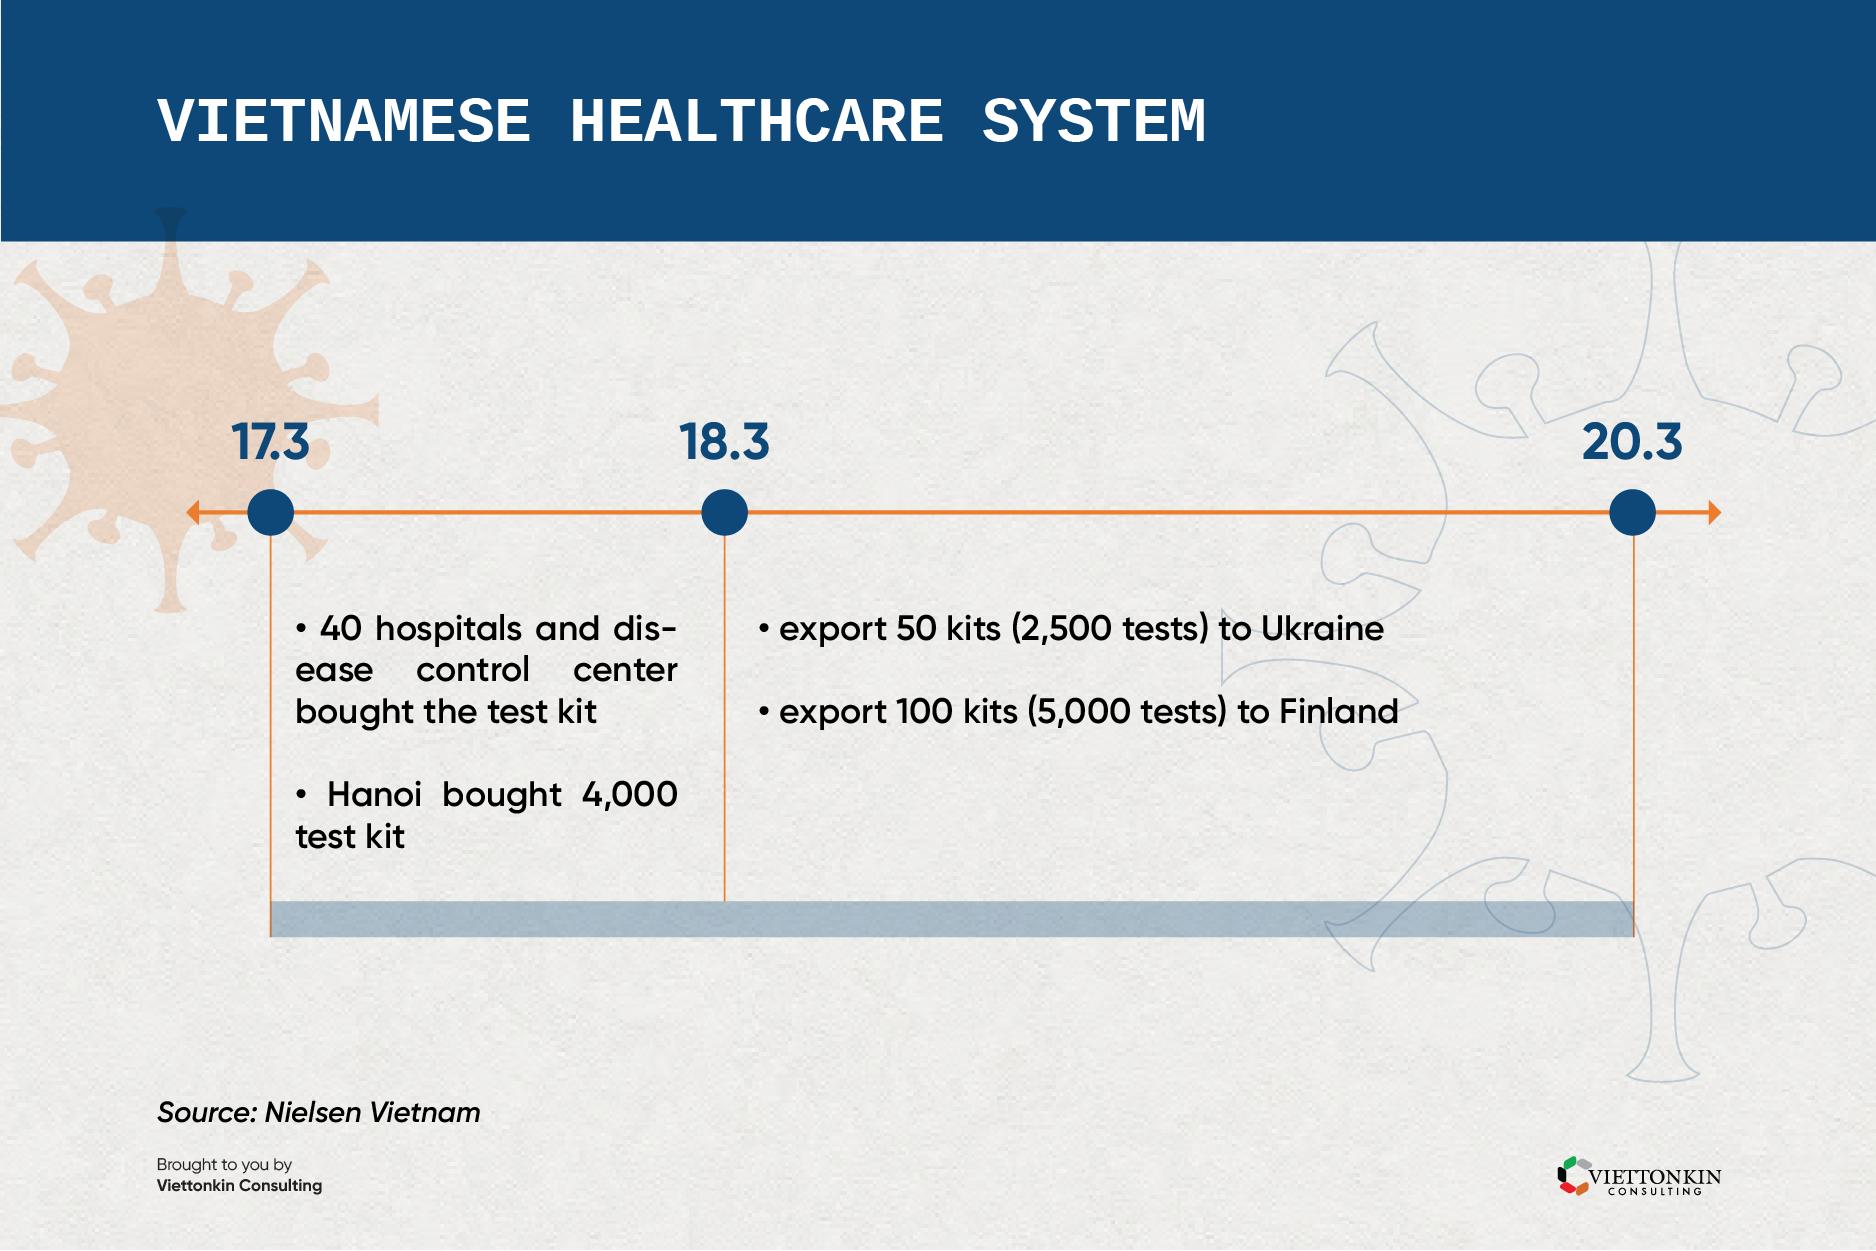 healthcare system timeline